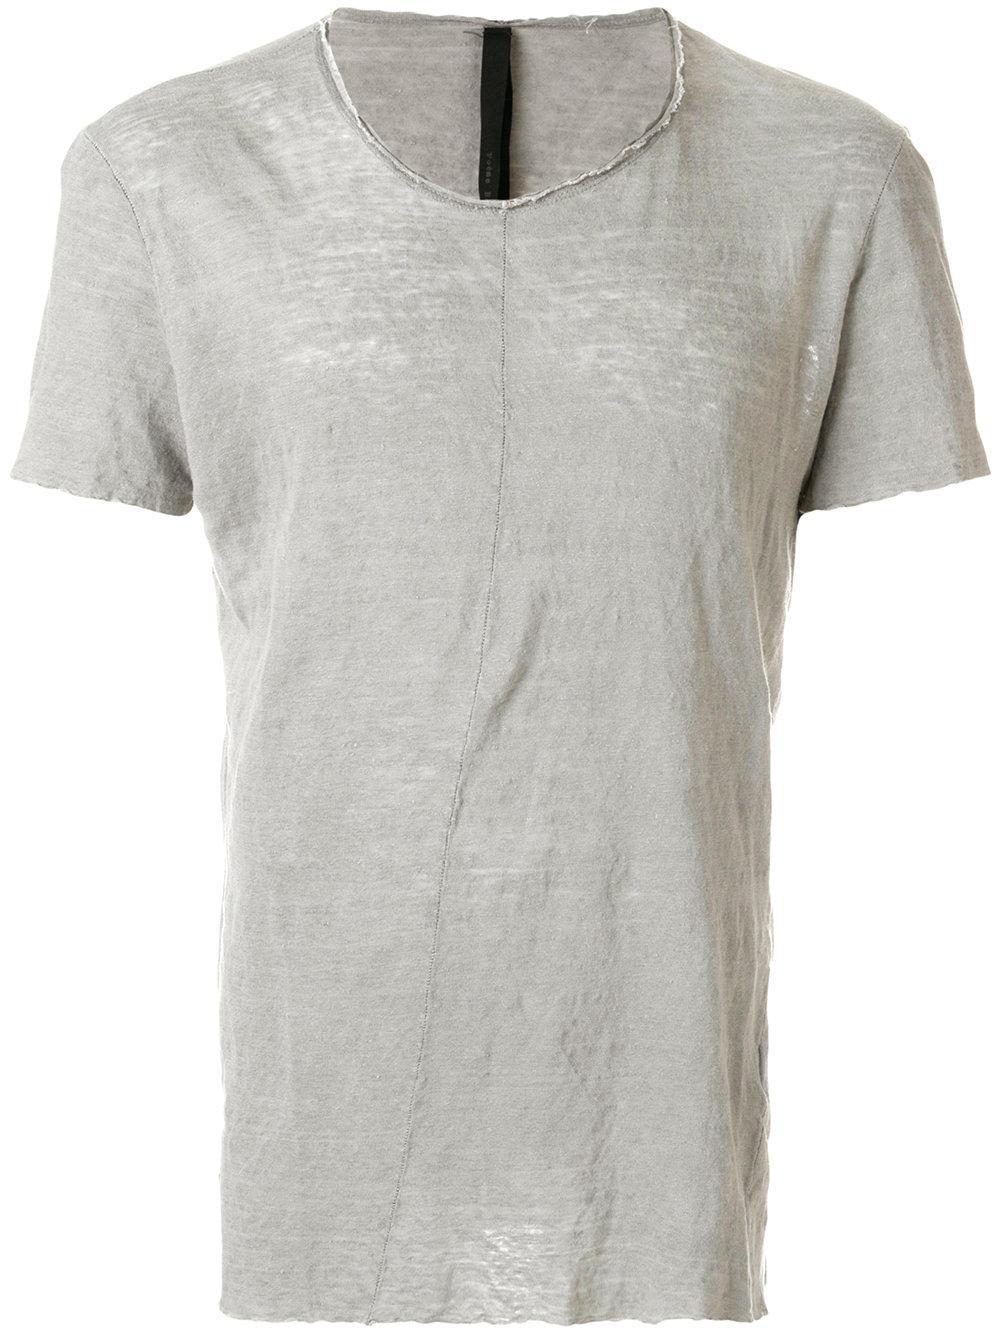 PoÈme BohÈmien Distressed Slim Fit T-shirt